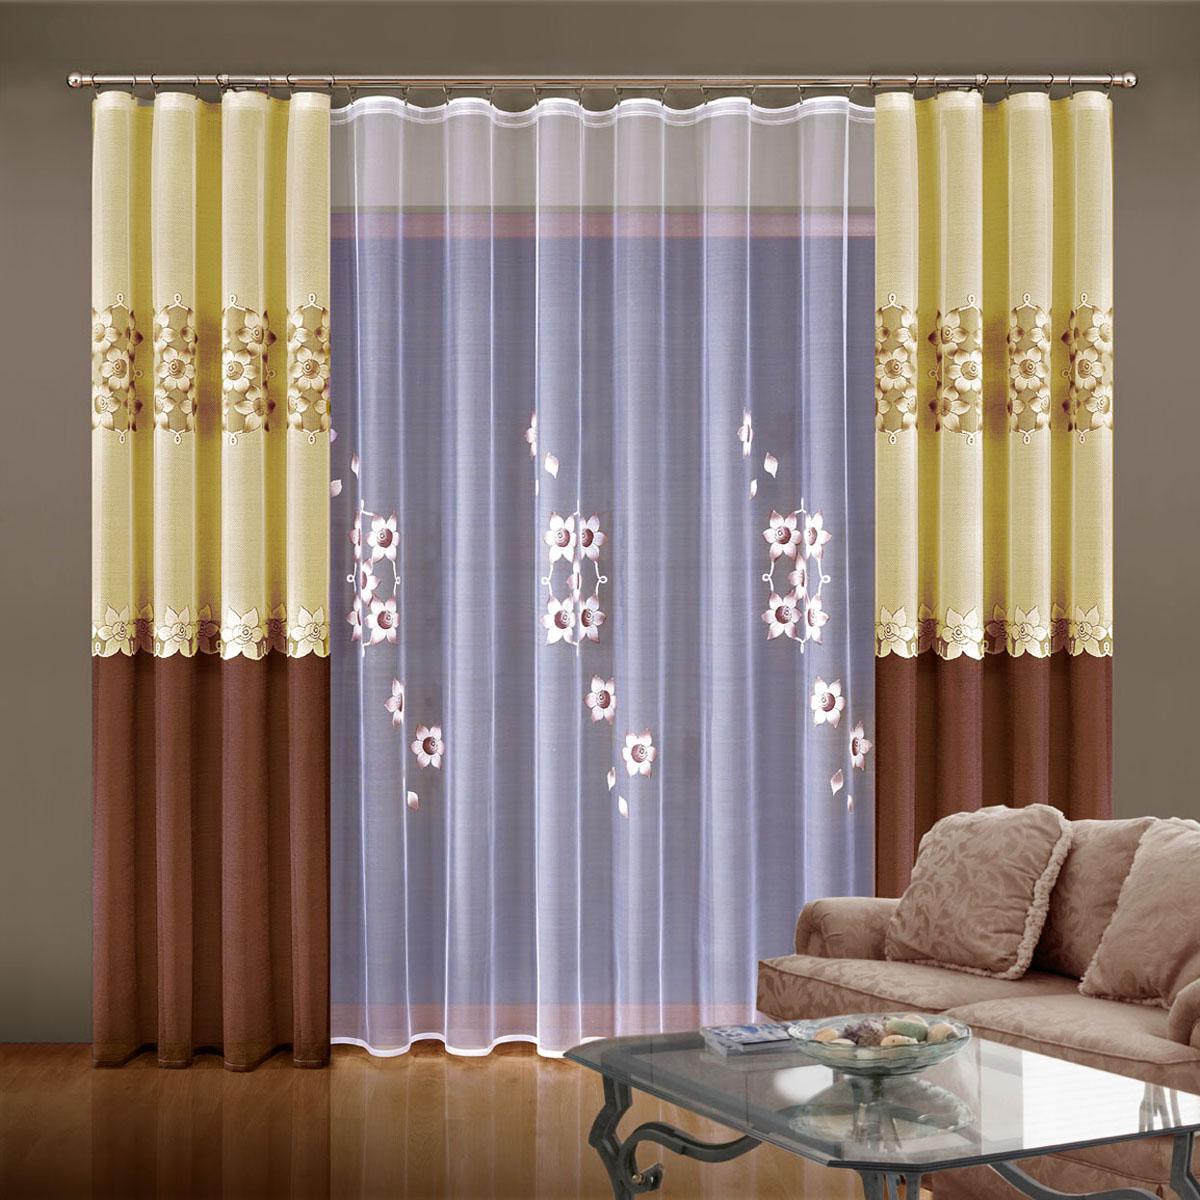 """Комплект штор """"Wisan"""", на ленте, цвет: коричневый, бежевый, белый, высота 250 см. 5929"""